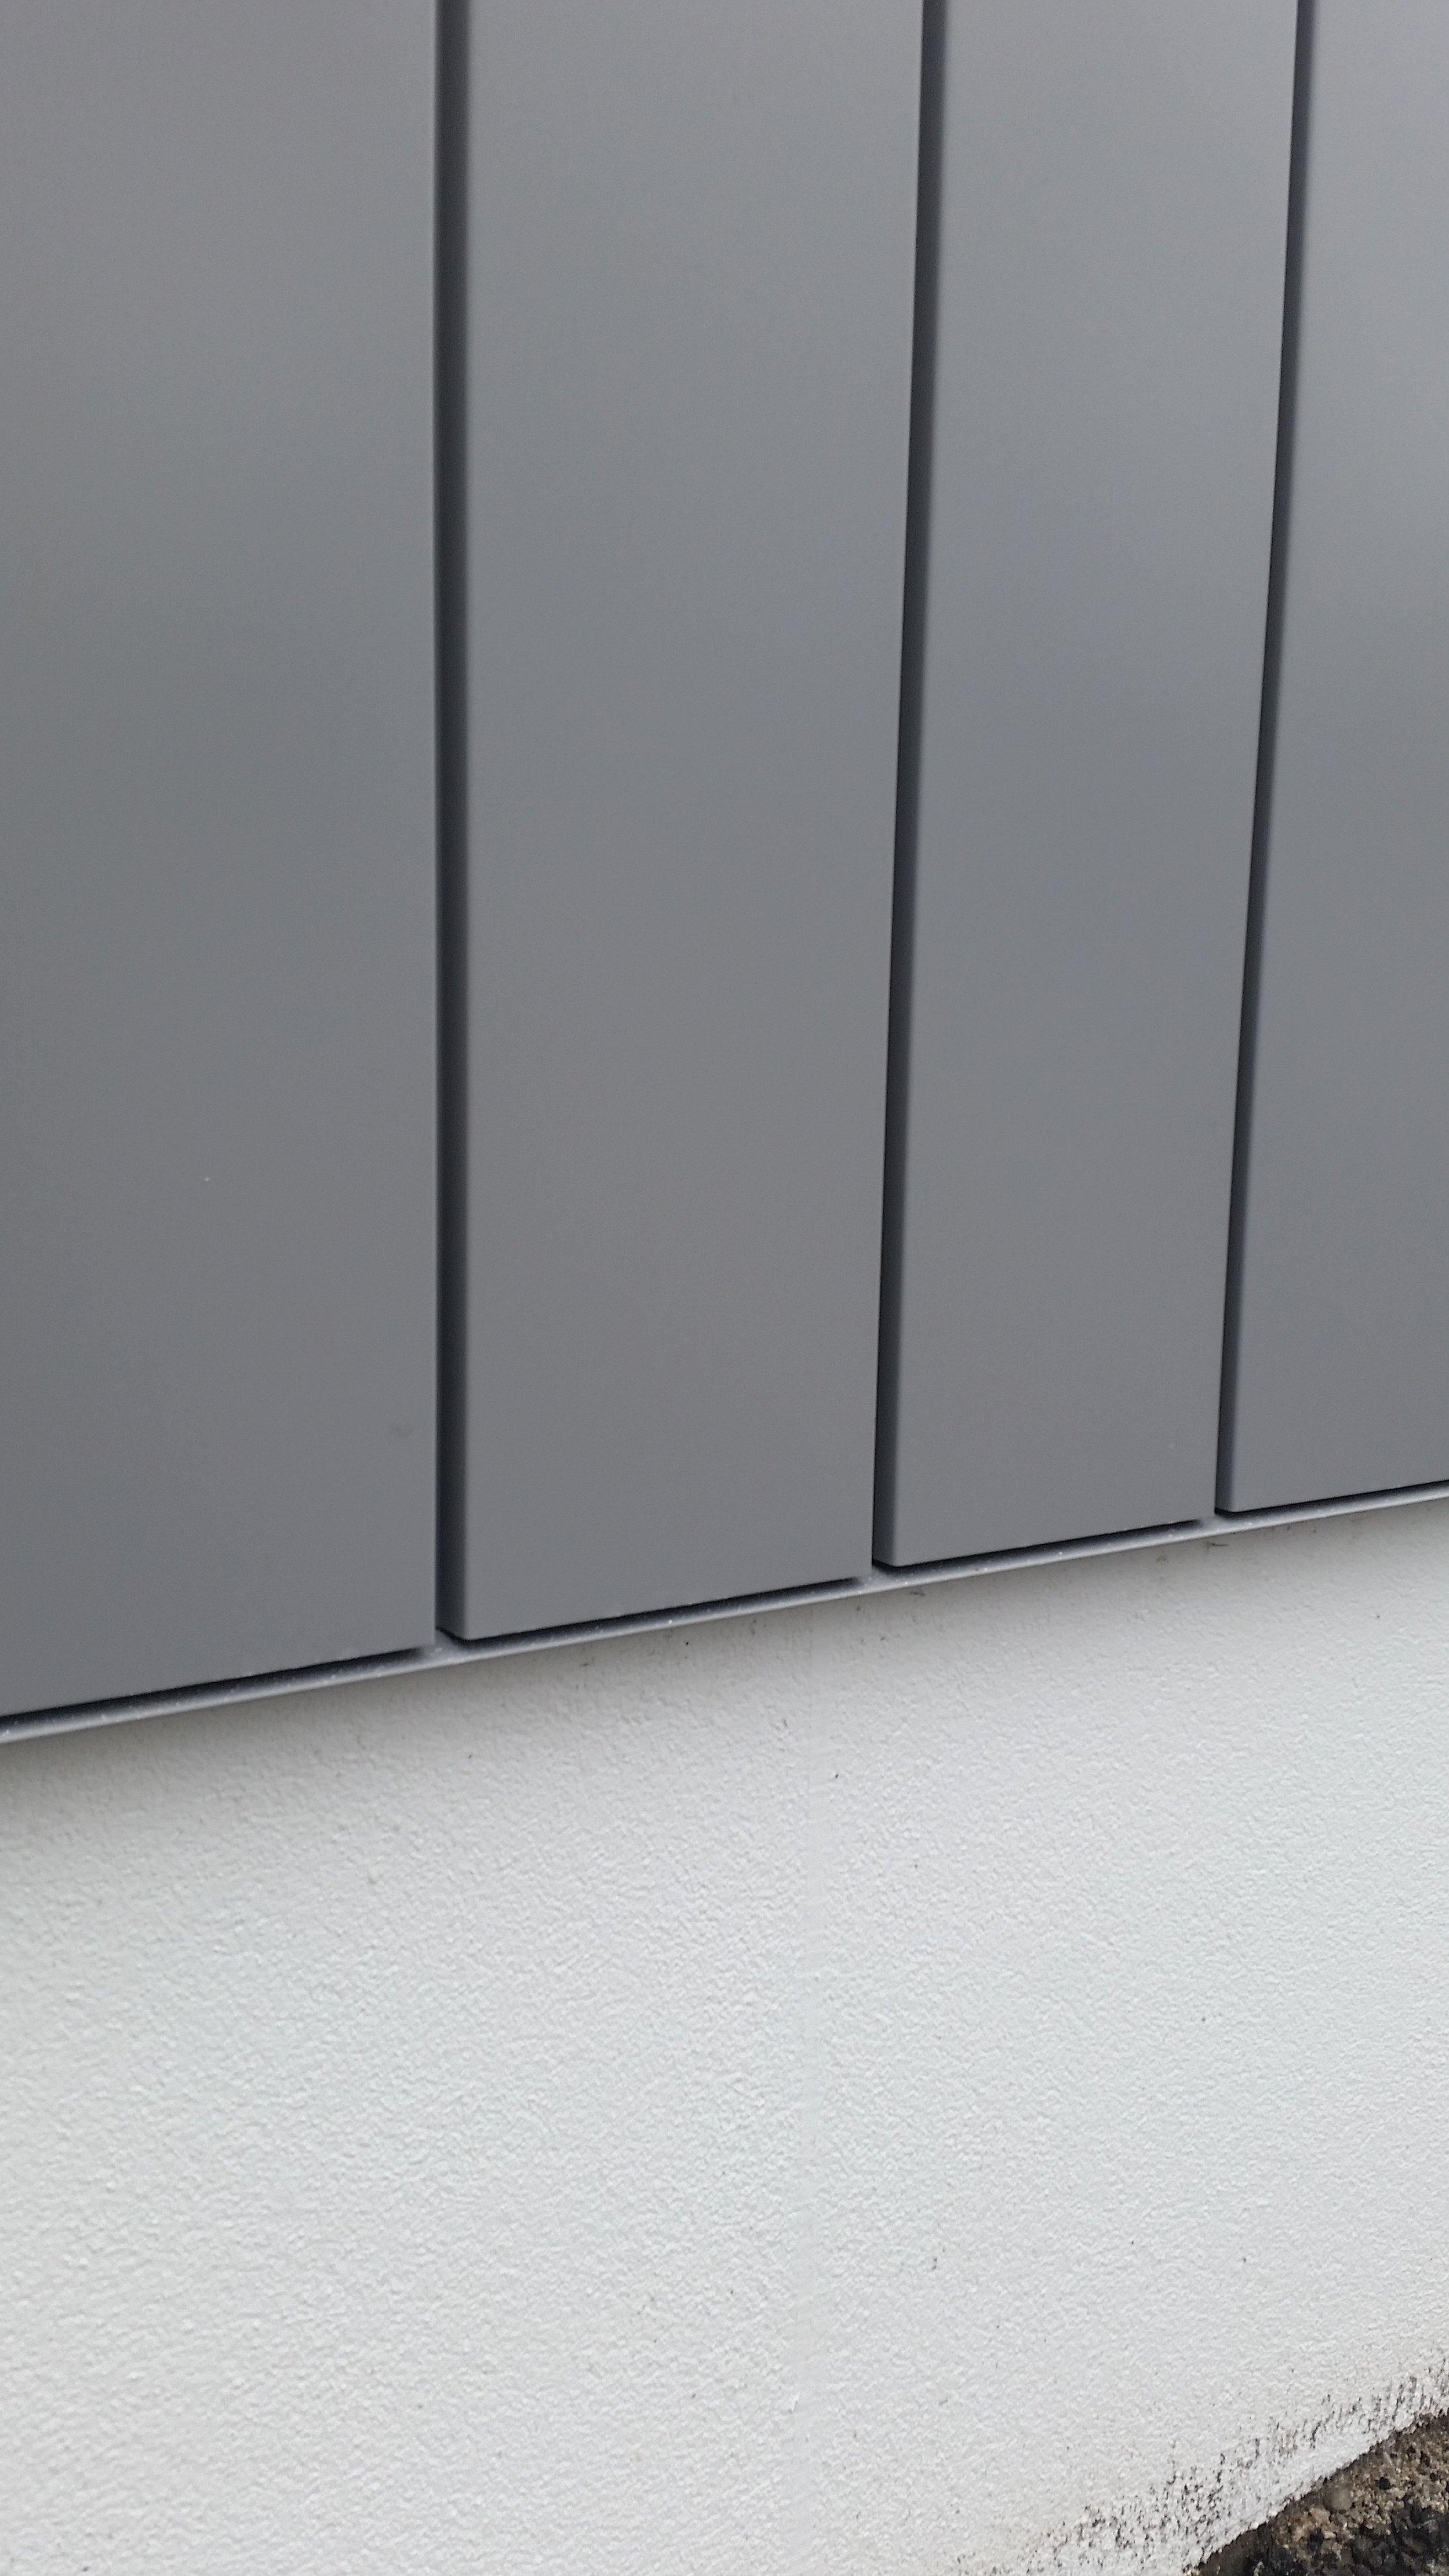 The-Roofing-Store-Steel-Metal-Interlocking-Panel-Sandstone-Grey-3.jpg.jpg